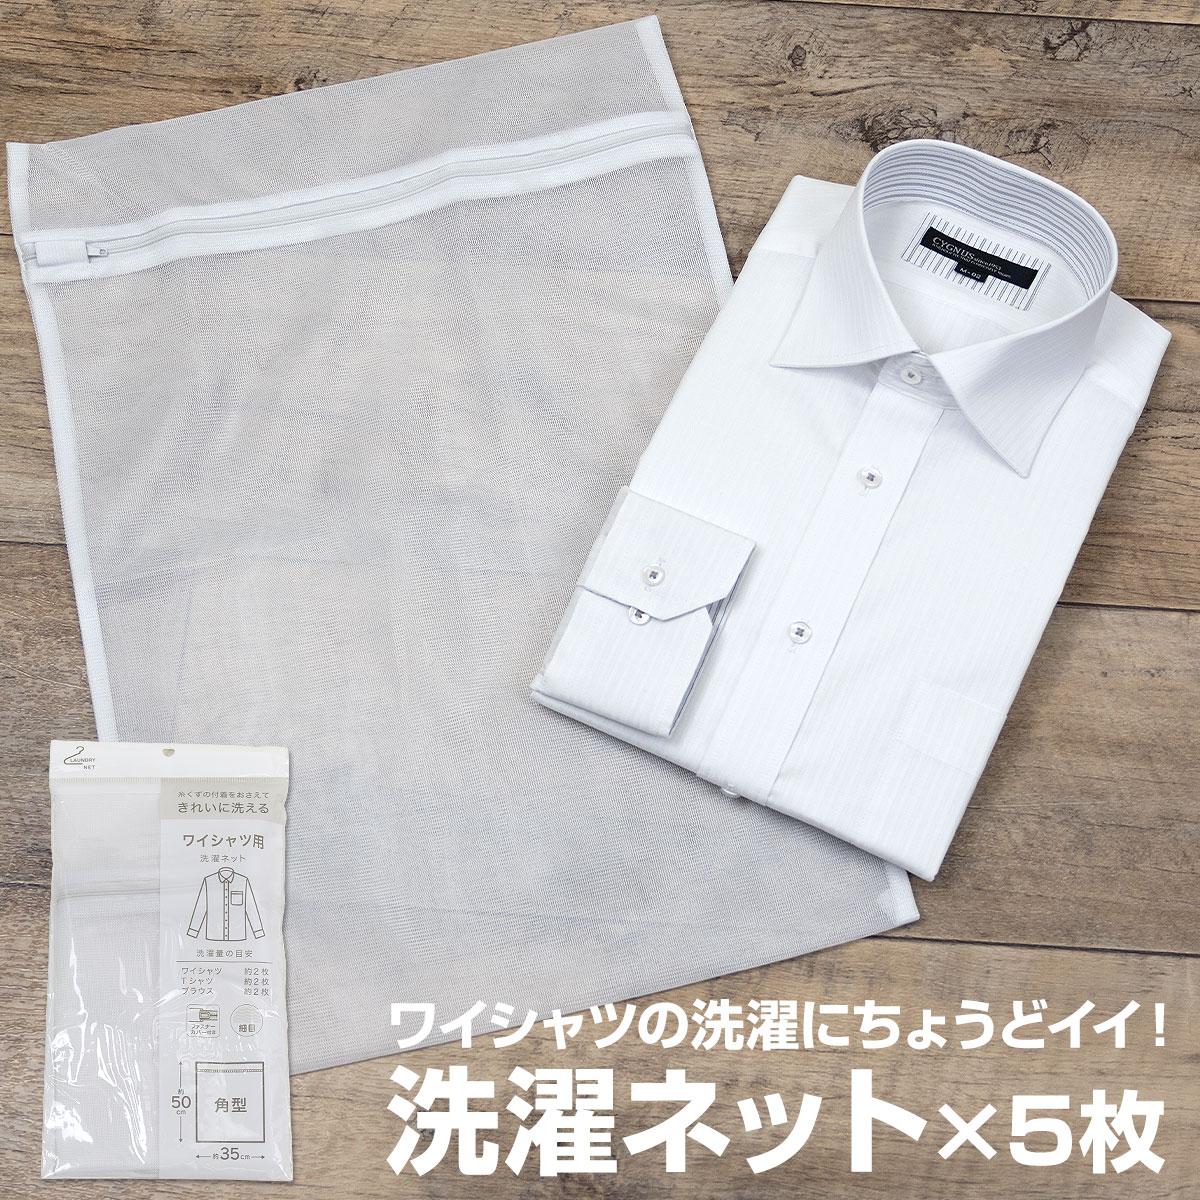 割引 ワイシャツの洗濯にちょうどイイ 洗濯ネット5枚セット セール特価 送料無料